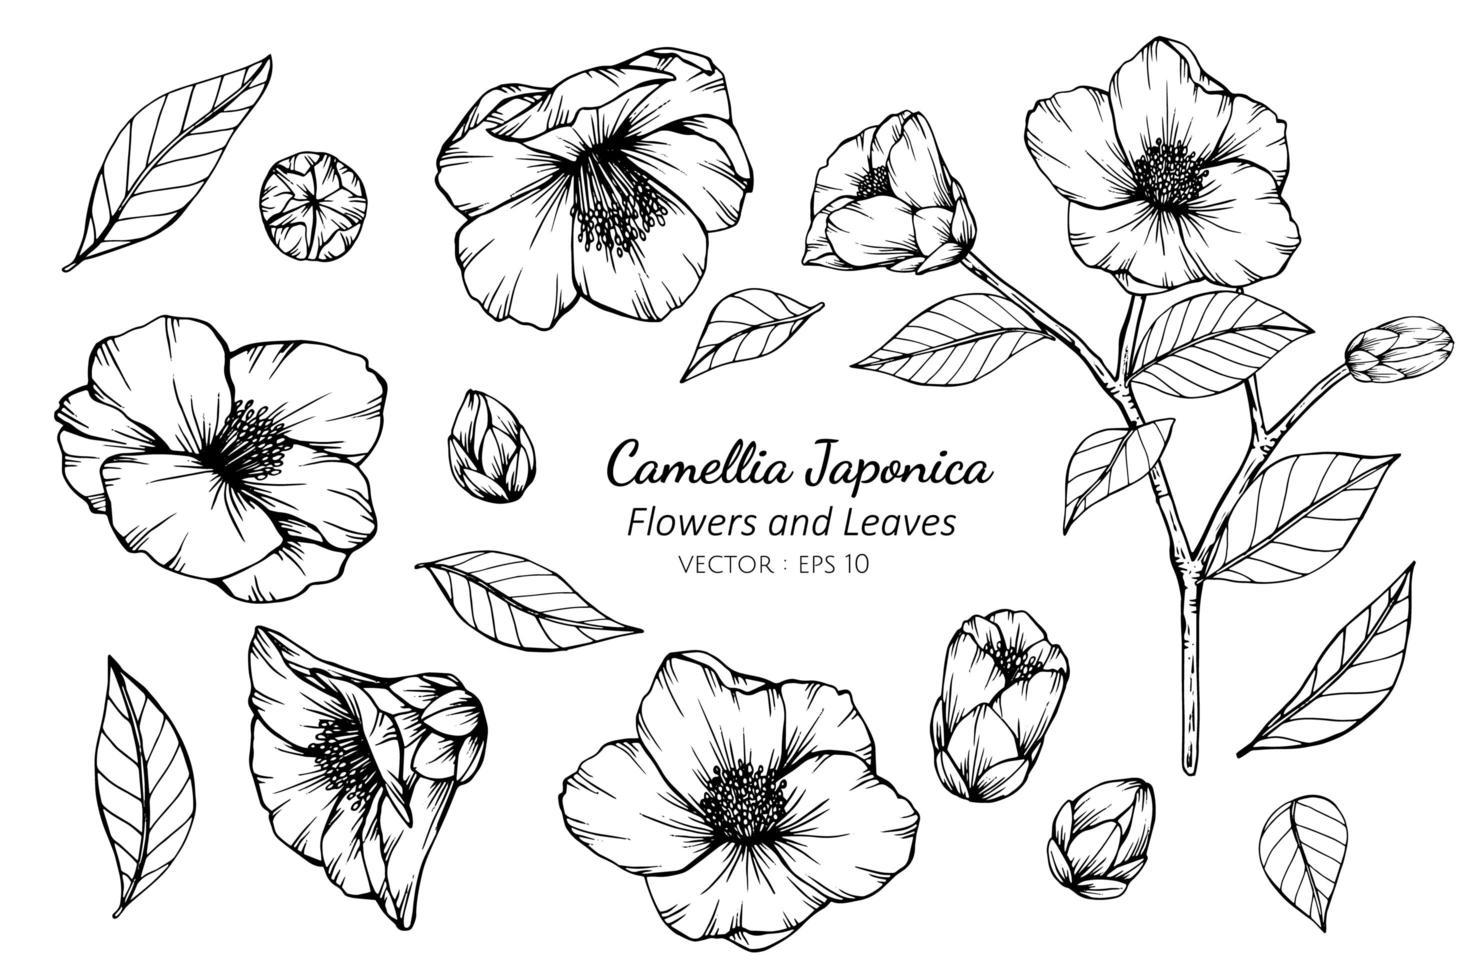 collection de fleurs et de feuilles de camellia japonica vecteur